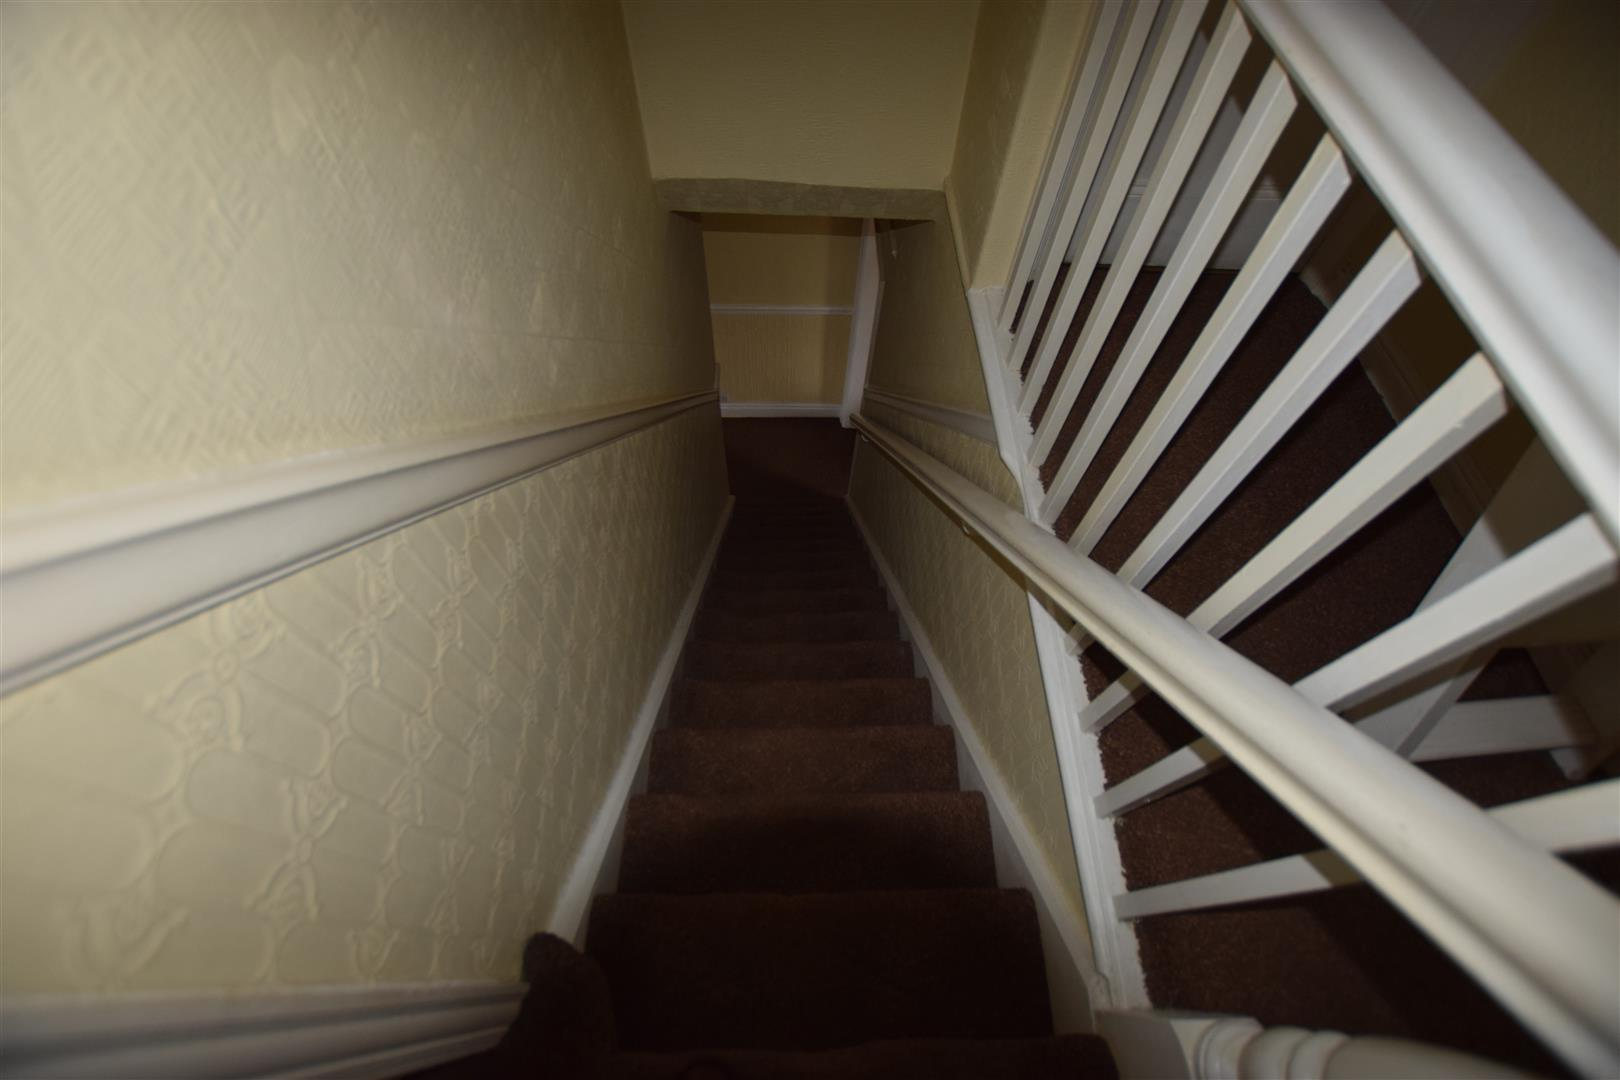 Stair/Landing